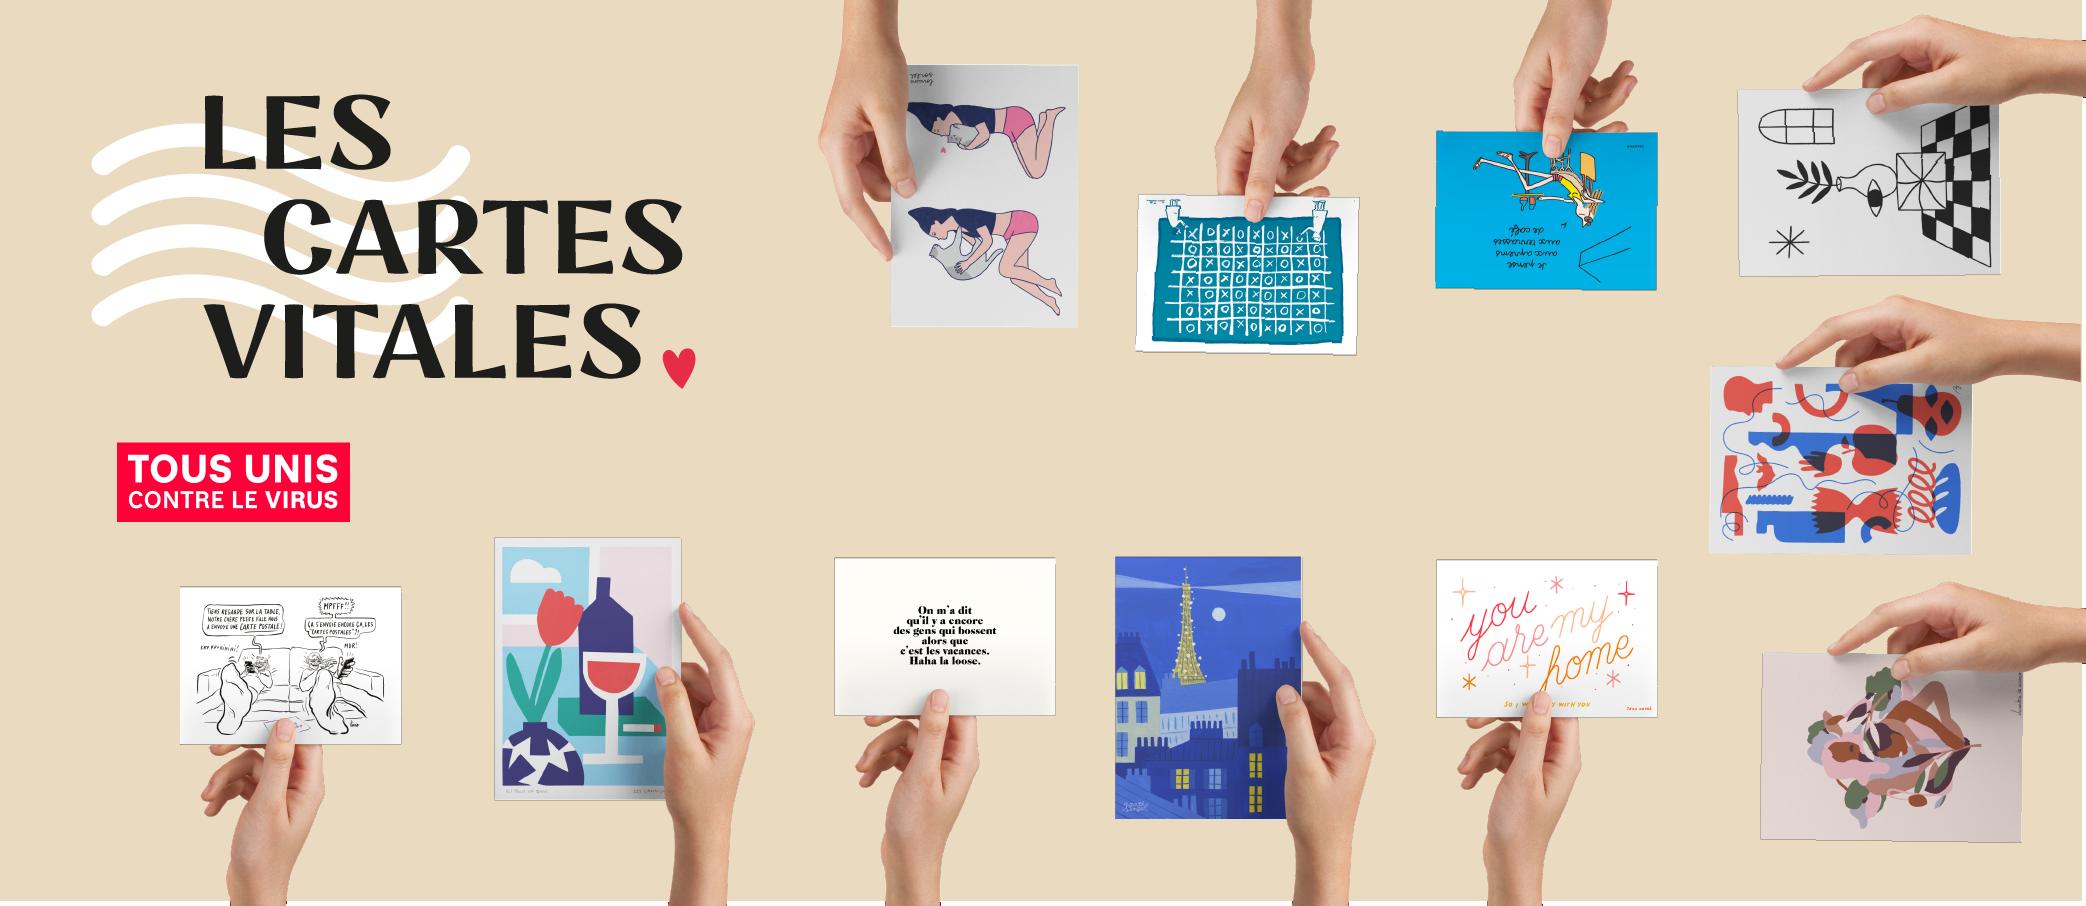 Les cartes vitales, un projet d'artistes pour soutenir les hôpitaux de France